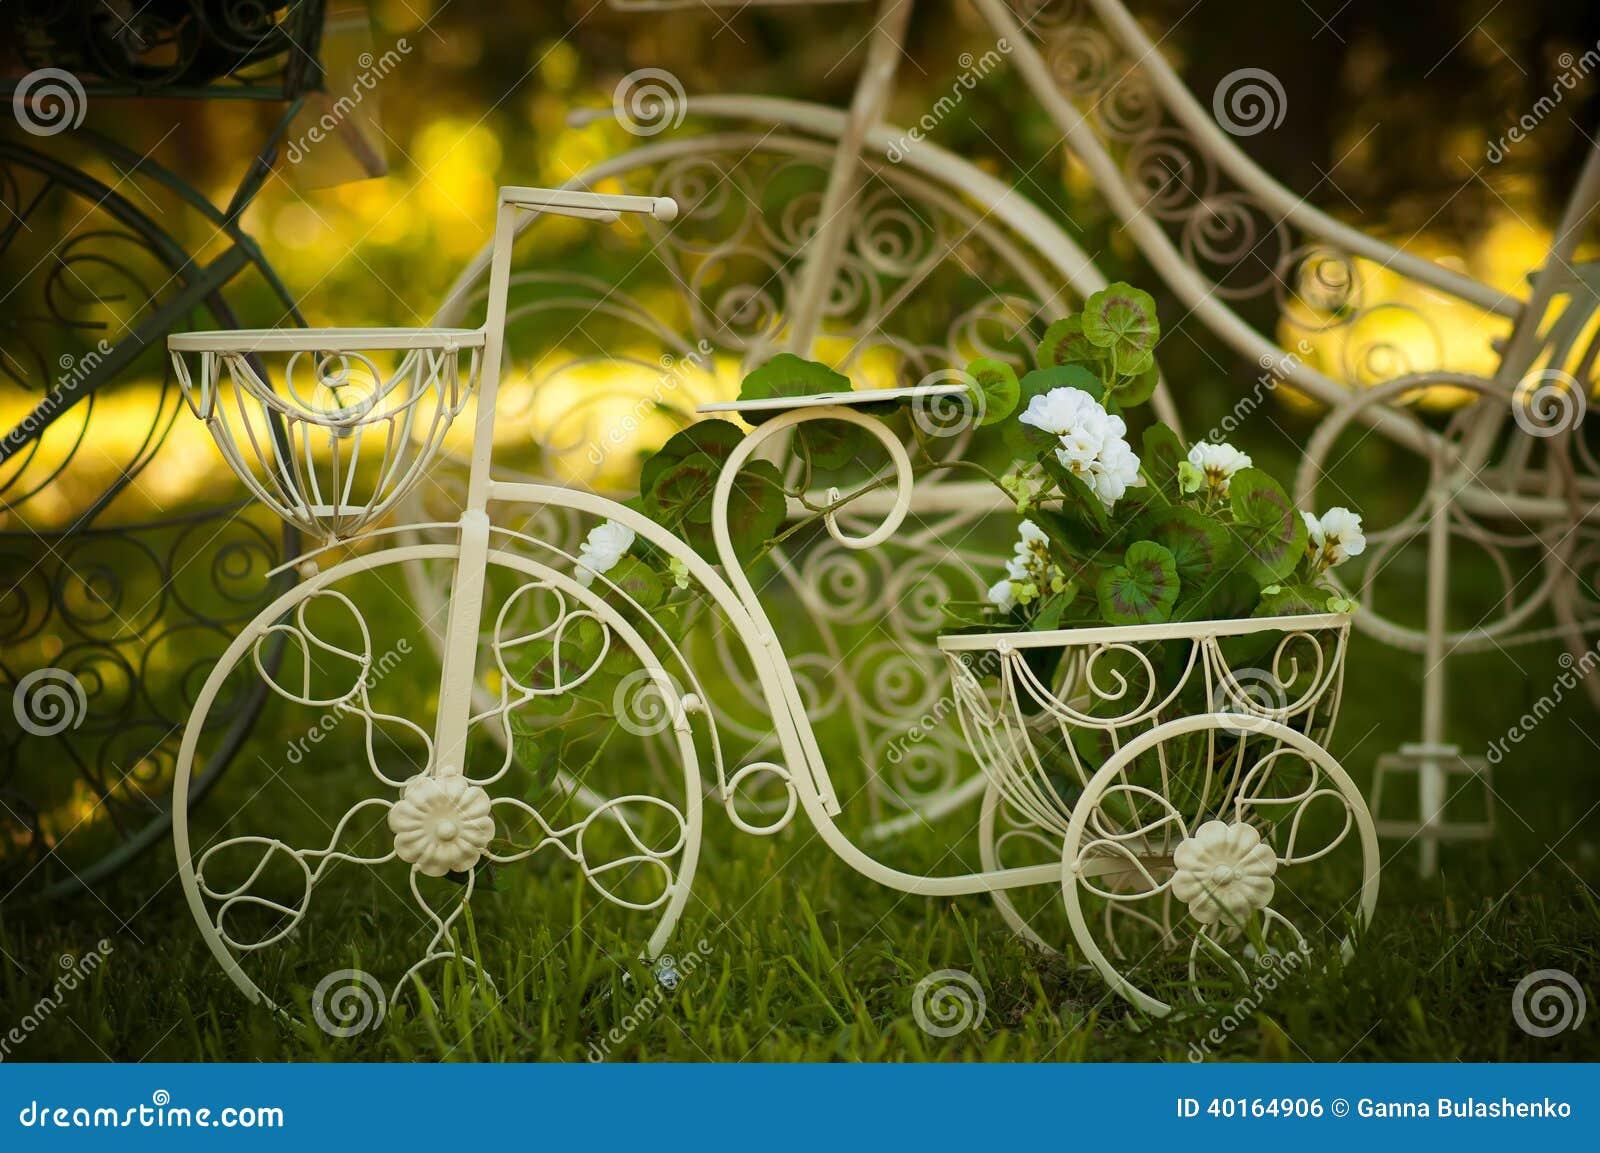 Décoration De Jardin Avec Un Vieux Vélo. Image stock - Image du ...